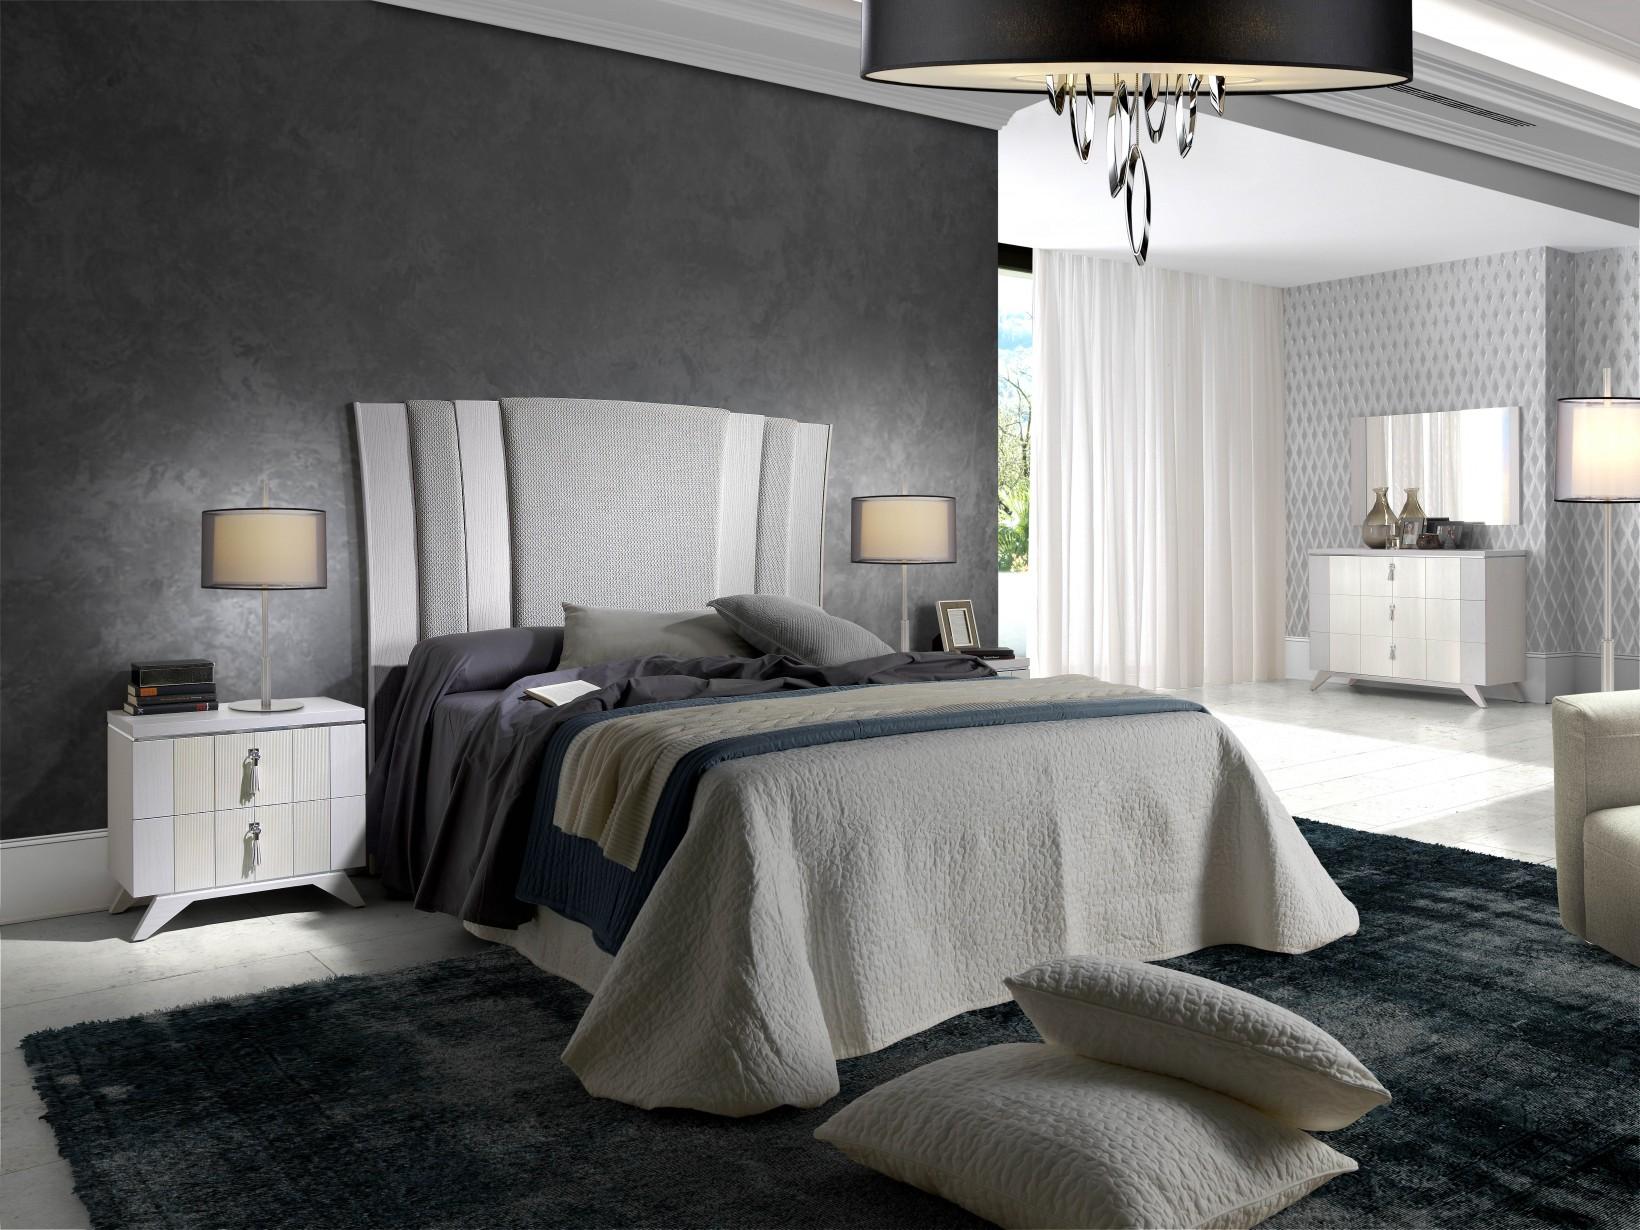 Monrabal adriana dormitorio clasico 2 tienda de muebles - Interiorismo valladolid ...